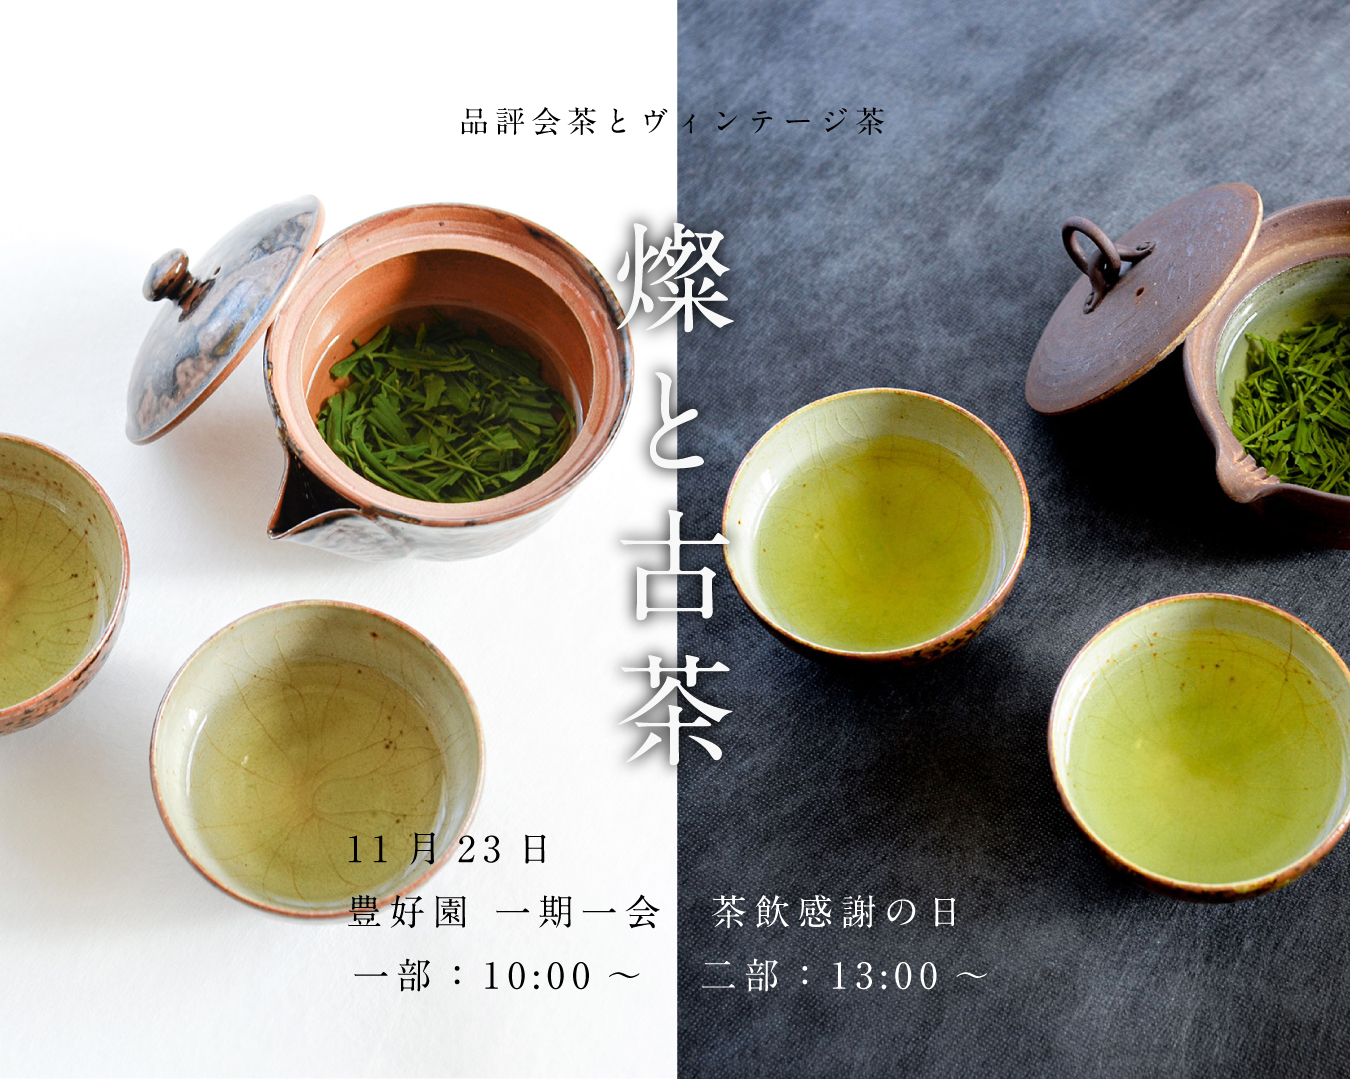 11/23 勤労感謝の日~ 豊好園ファン感謝祭~ 茶飲感謝の日「燦と古茶」